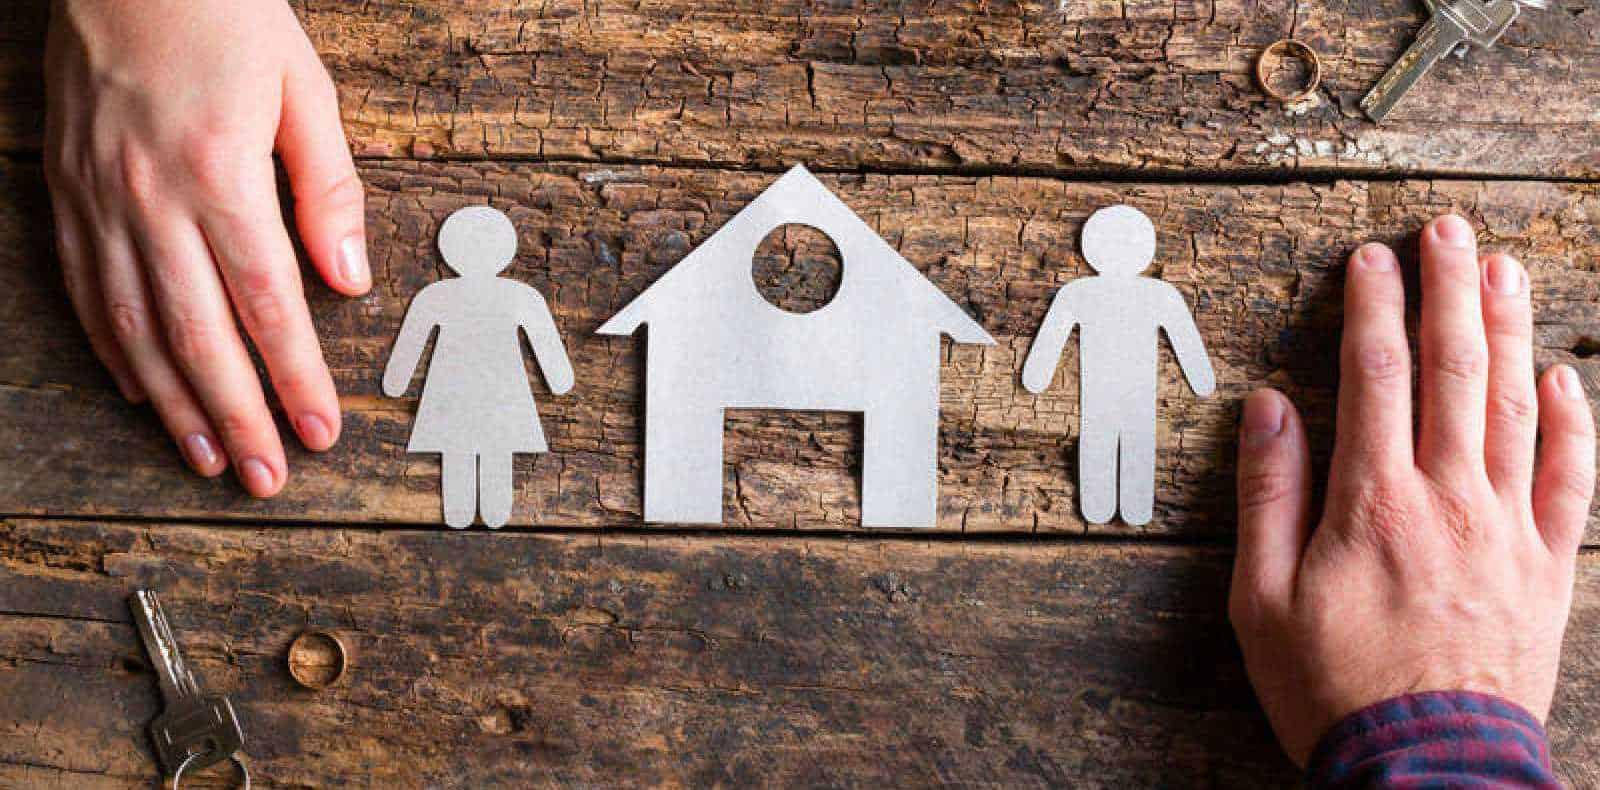 El progenitor custodio que resida con su nueva pareja en el domicilio familiar pierde el derecho sobre la misma